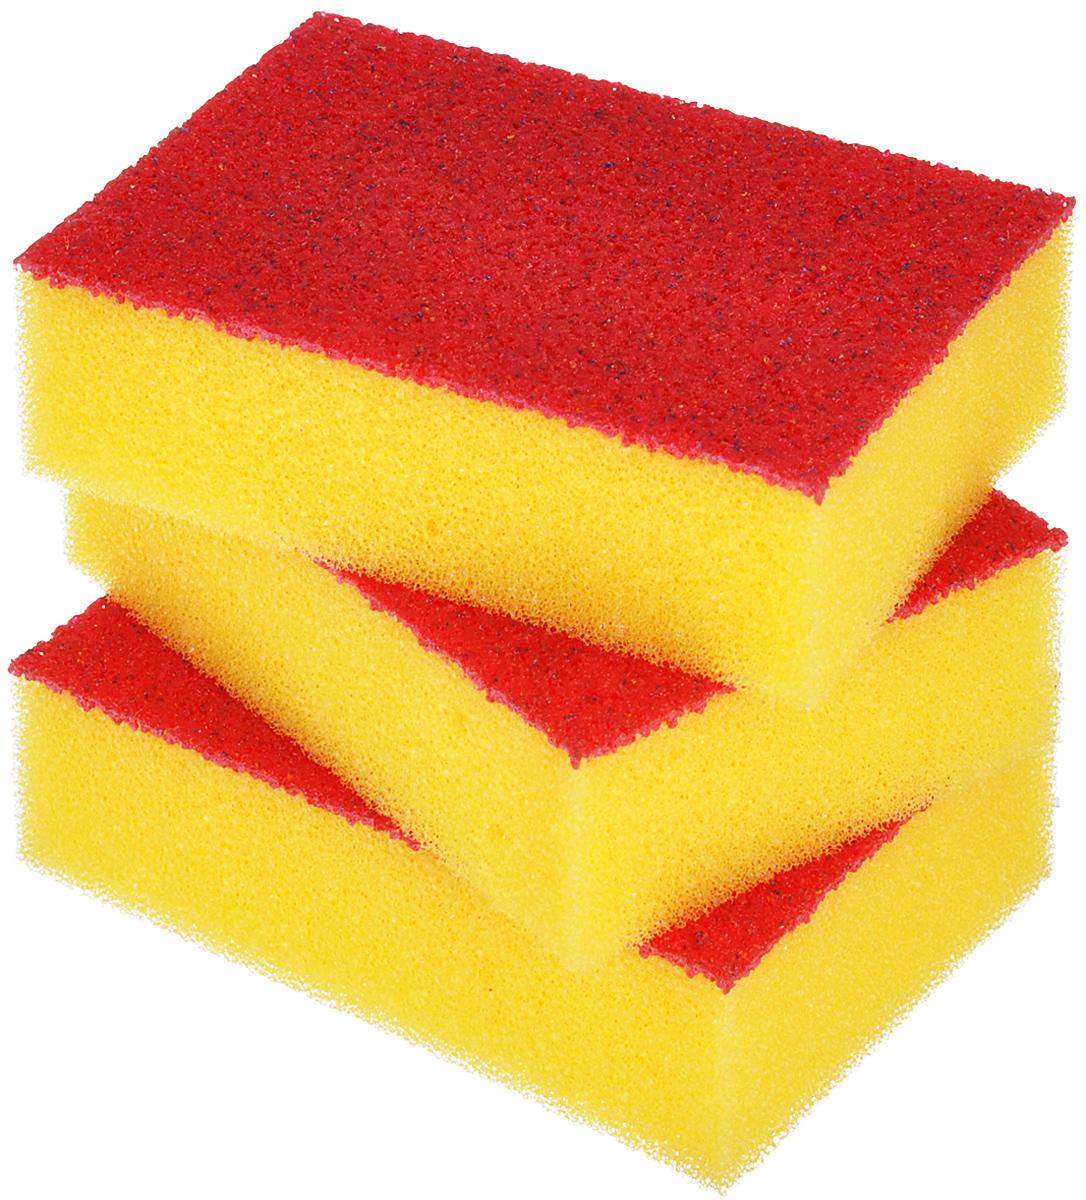 Набор губок Хозяюшка Мила Люкс для мытья посуды, цвет: желтый, 3 шт набор губок для мытья посуды хозяюшка мила комфорт